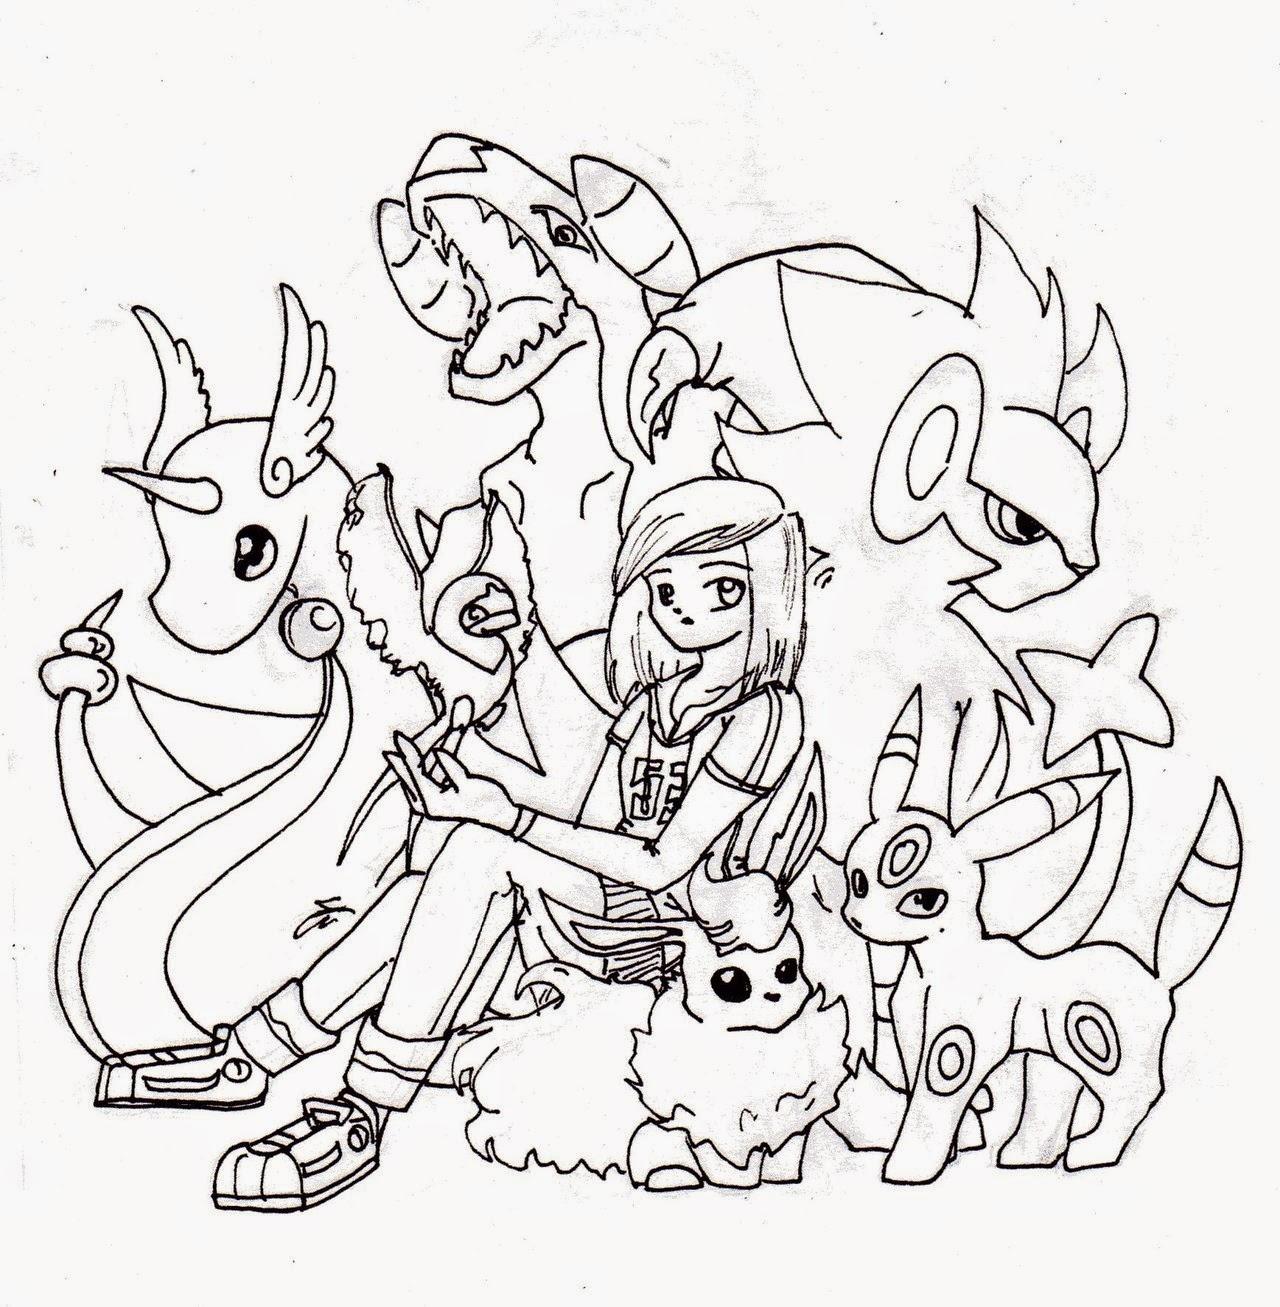 Disegni da colorare di pokemon for Disegni tumblr da colorare